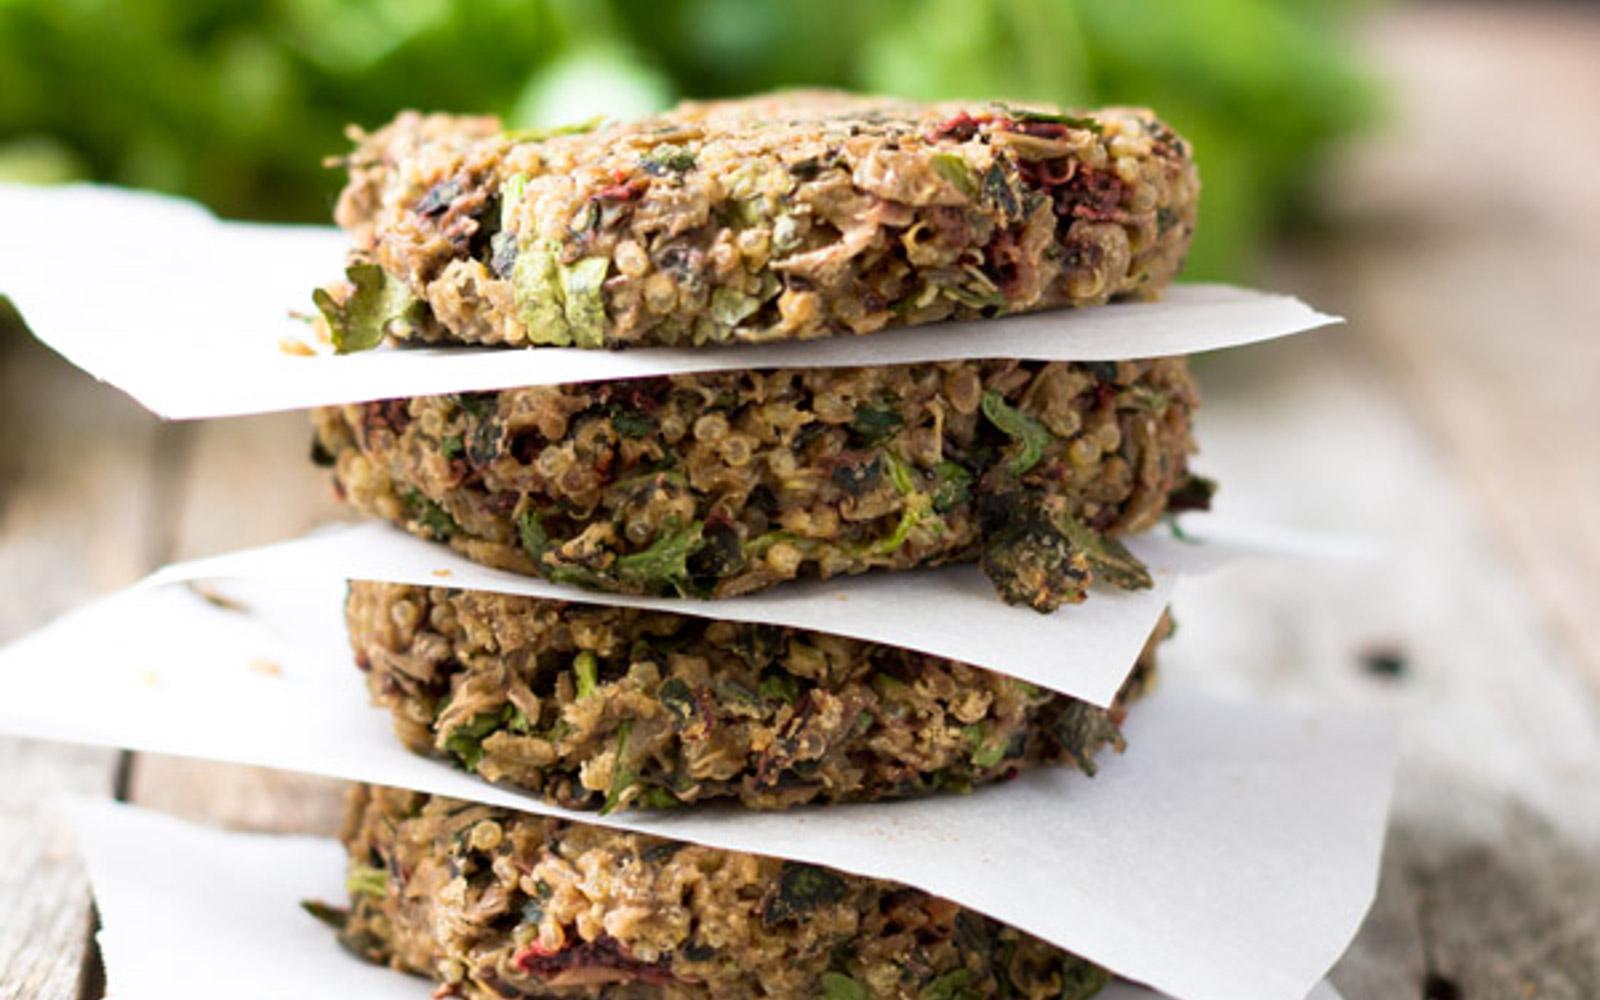 lentil quinoa burger